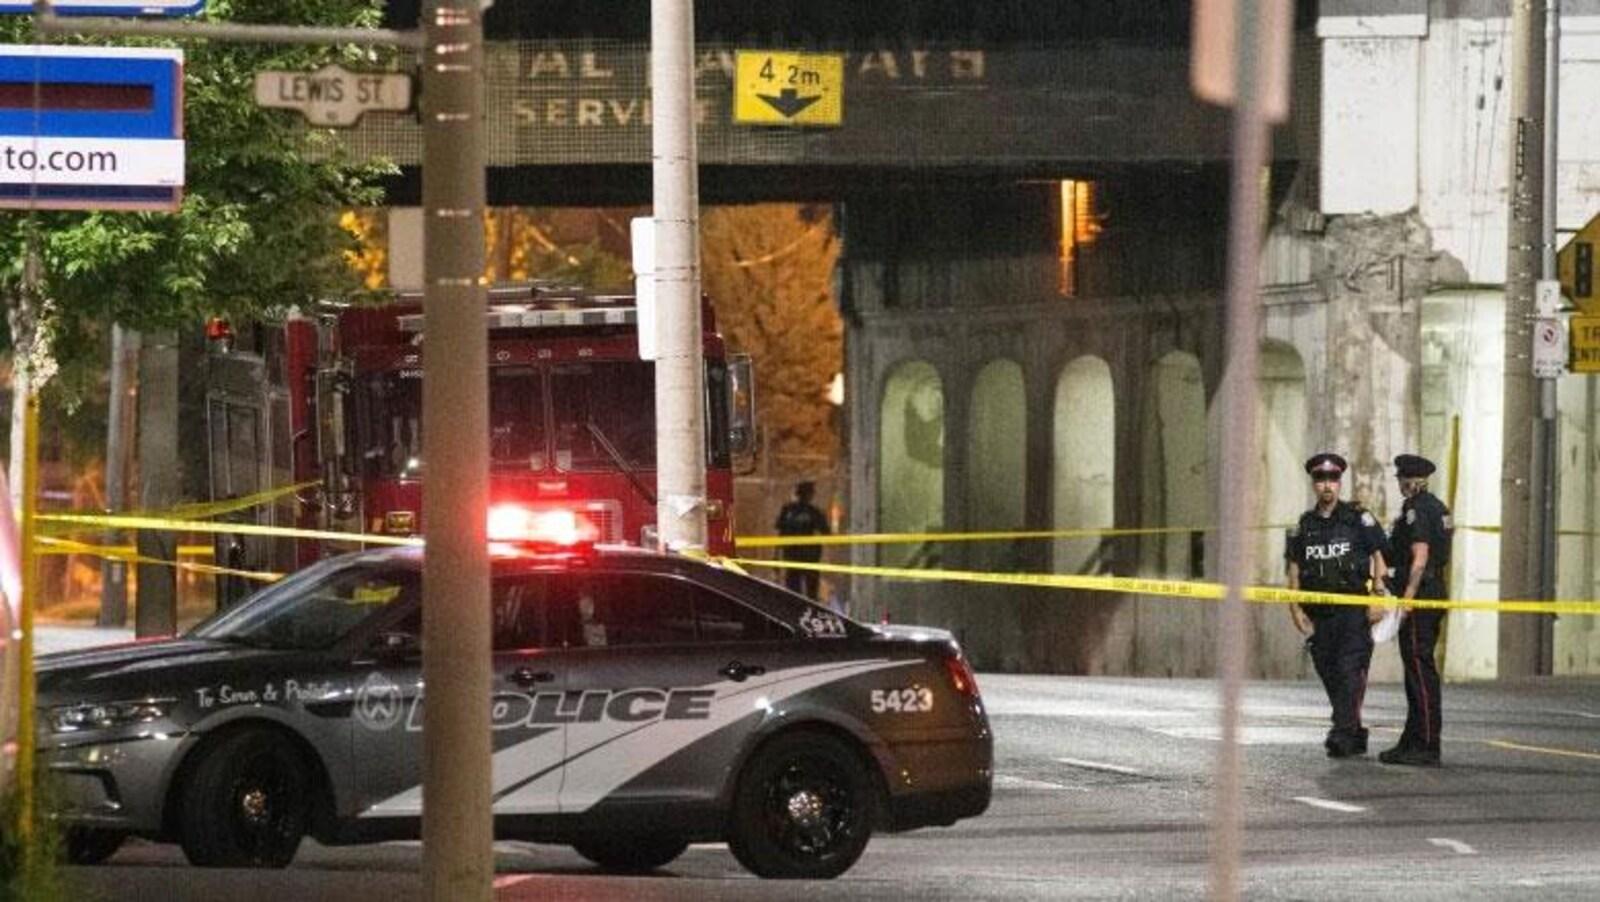 Une voiture de police et deux policiers dans une rue la nuit